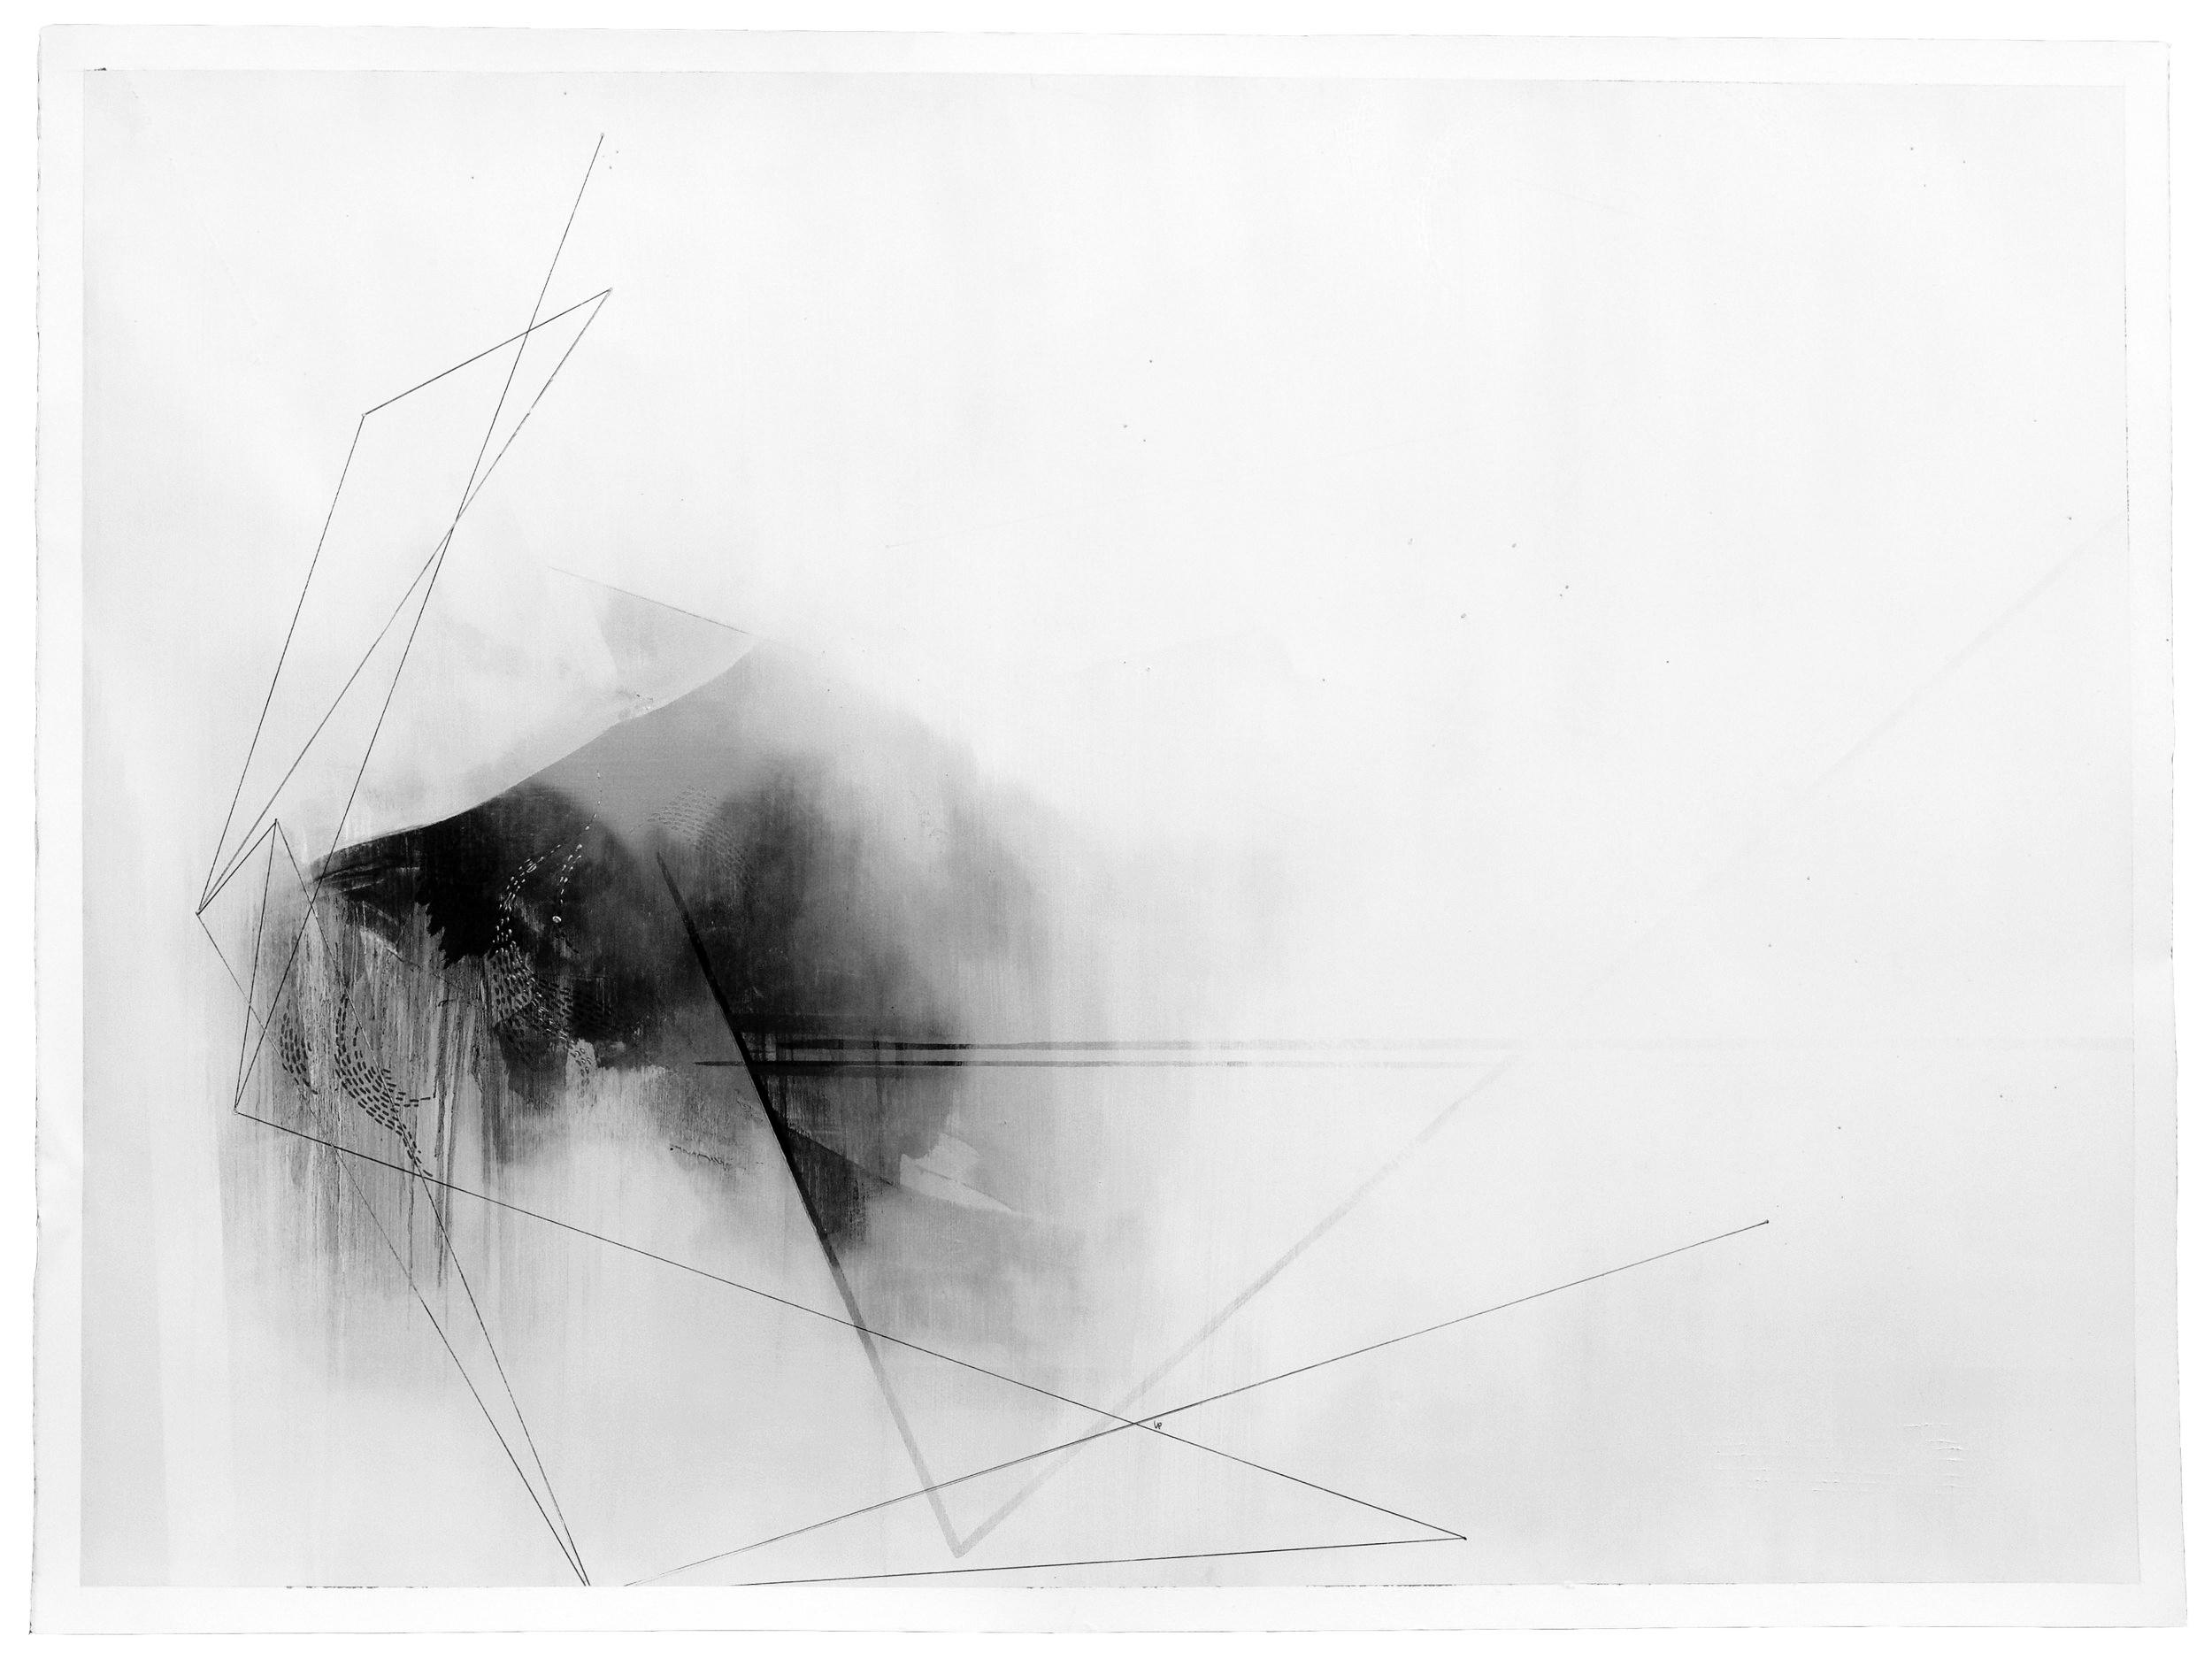 Leah Pantéa: Janus, Art Exhibit // photo source: Open Mind Art Space